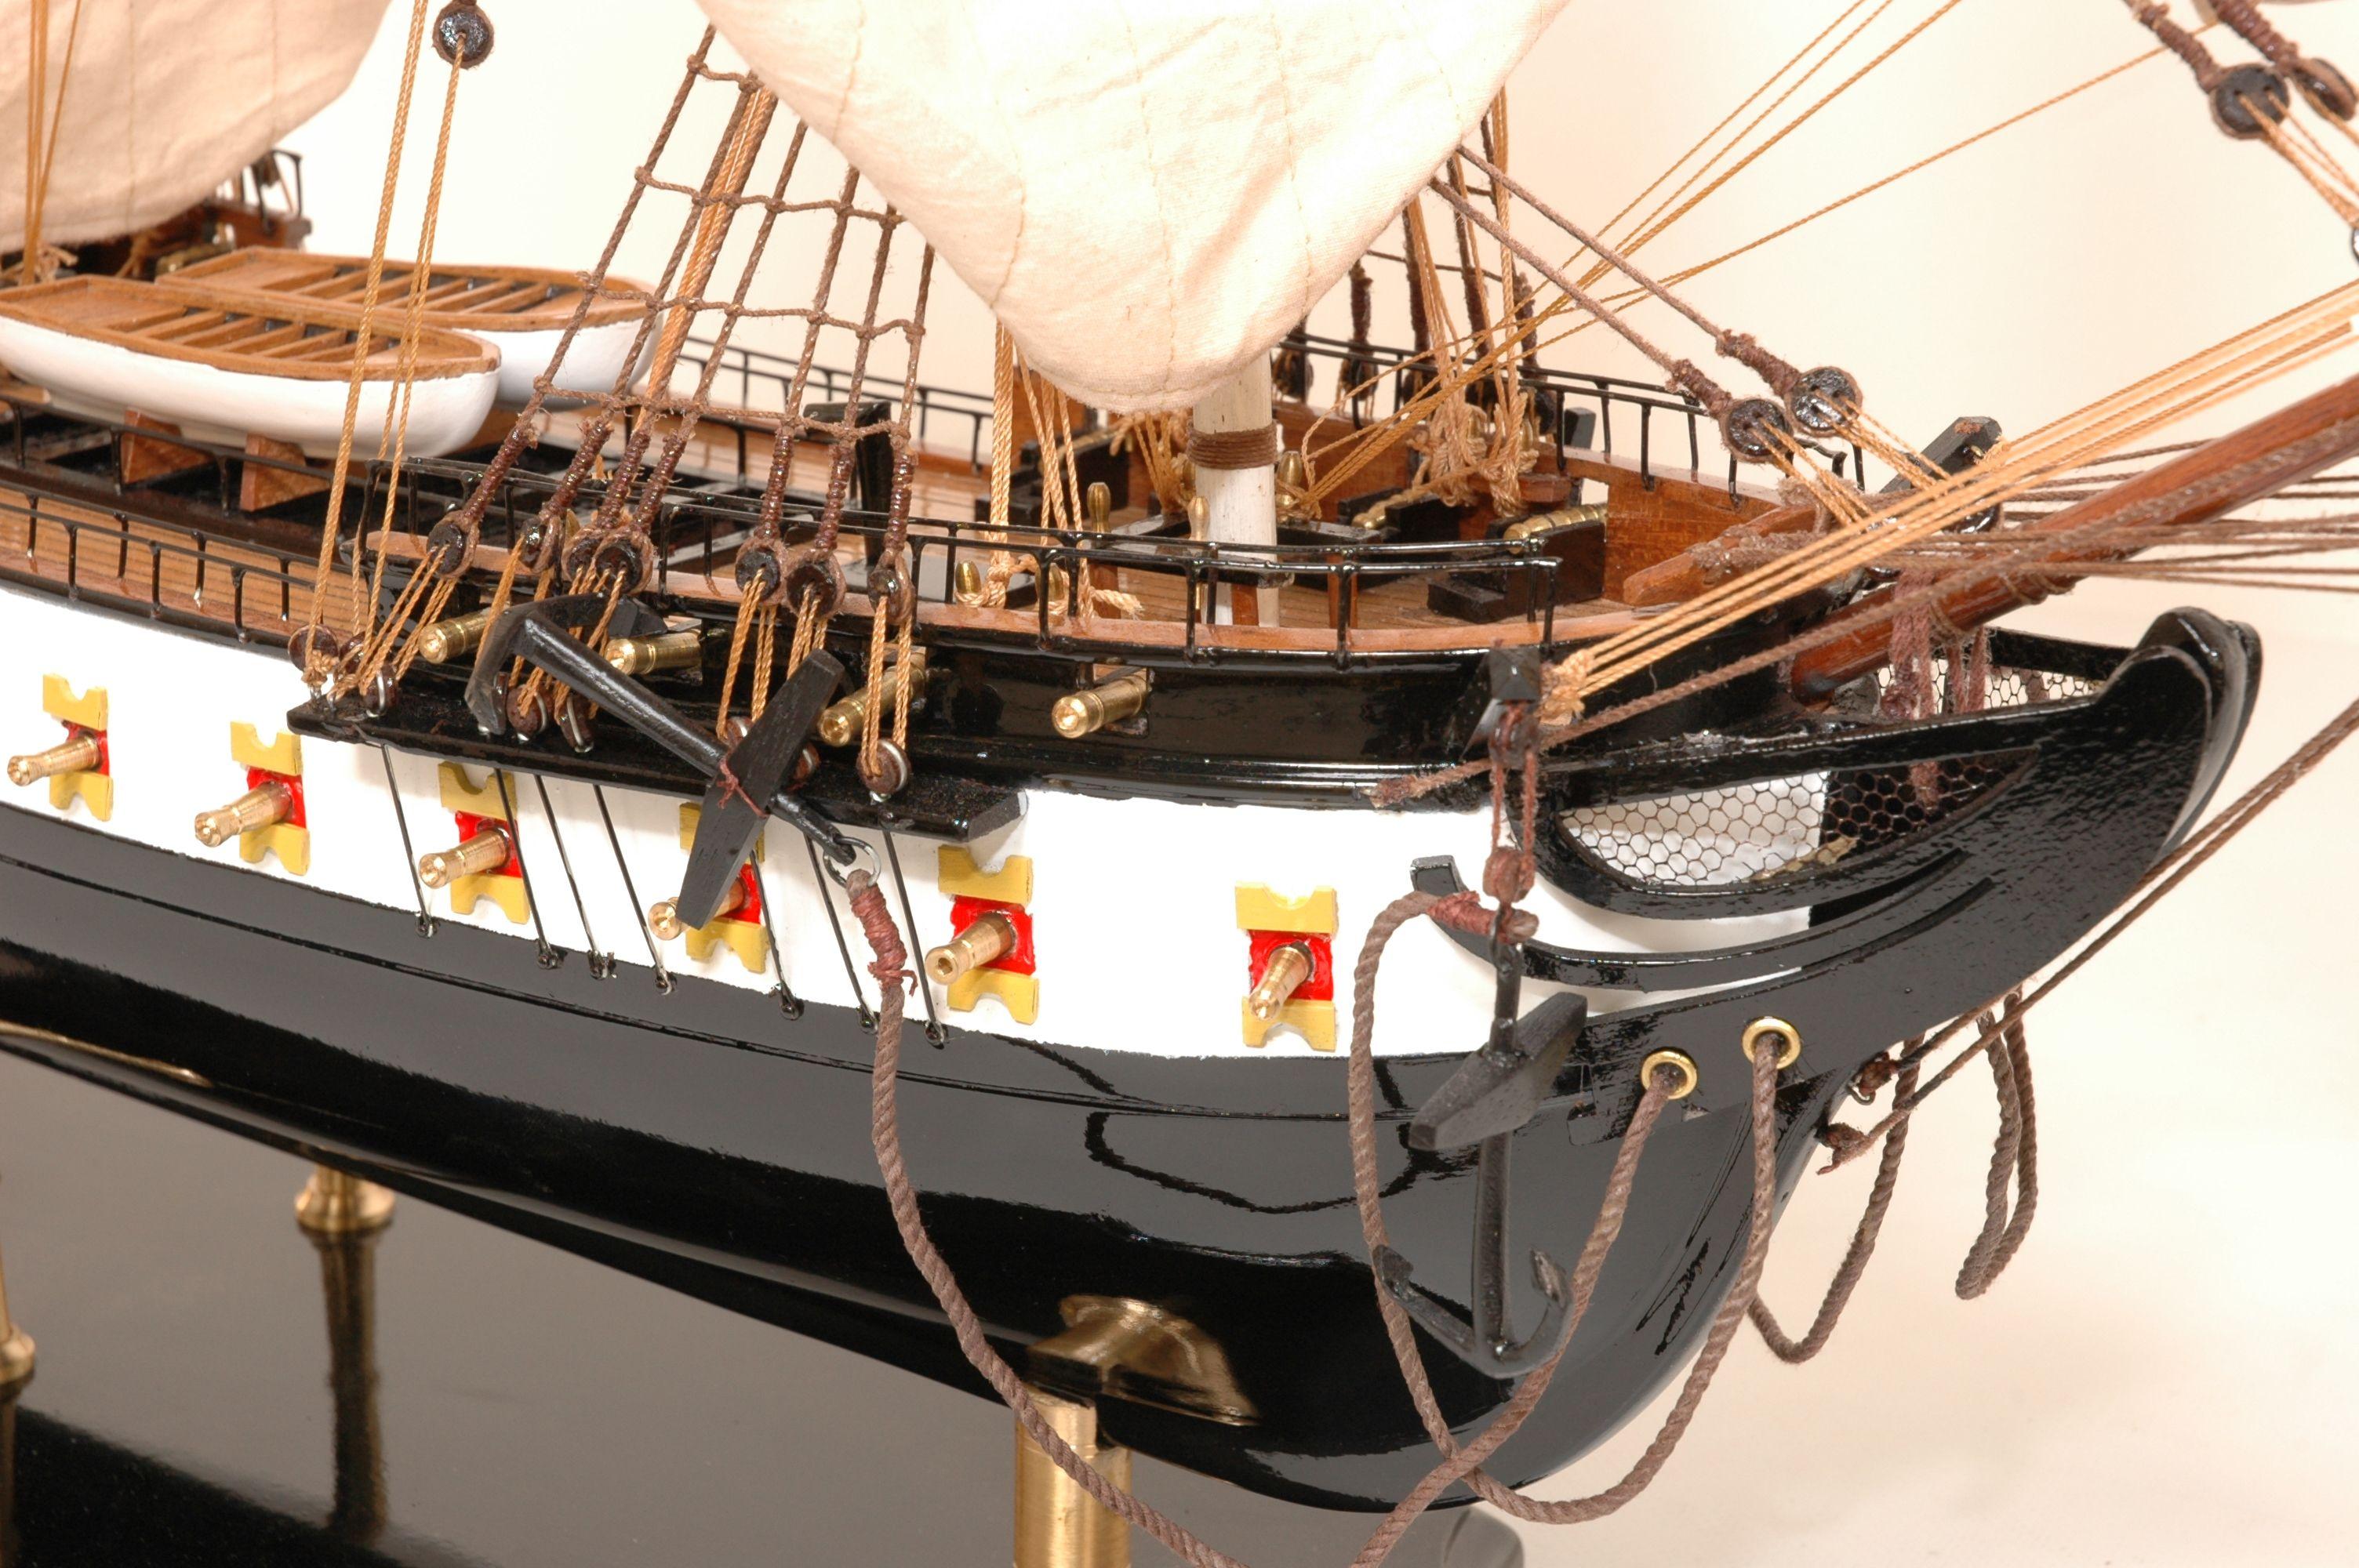 141-8179-USS-Constitution-Model-Ship-Superior-Range